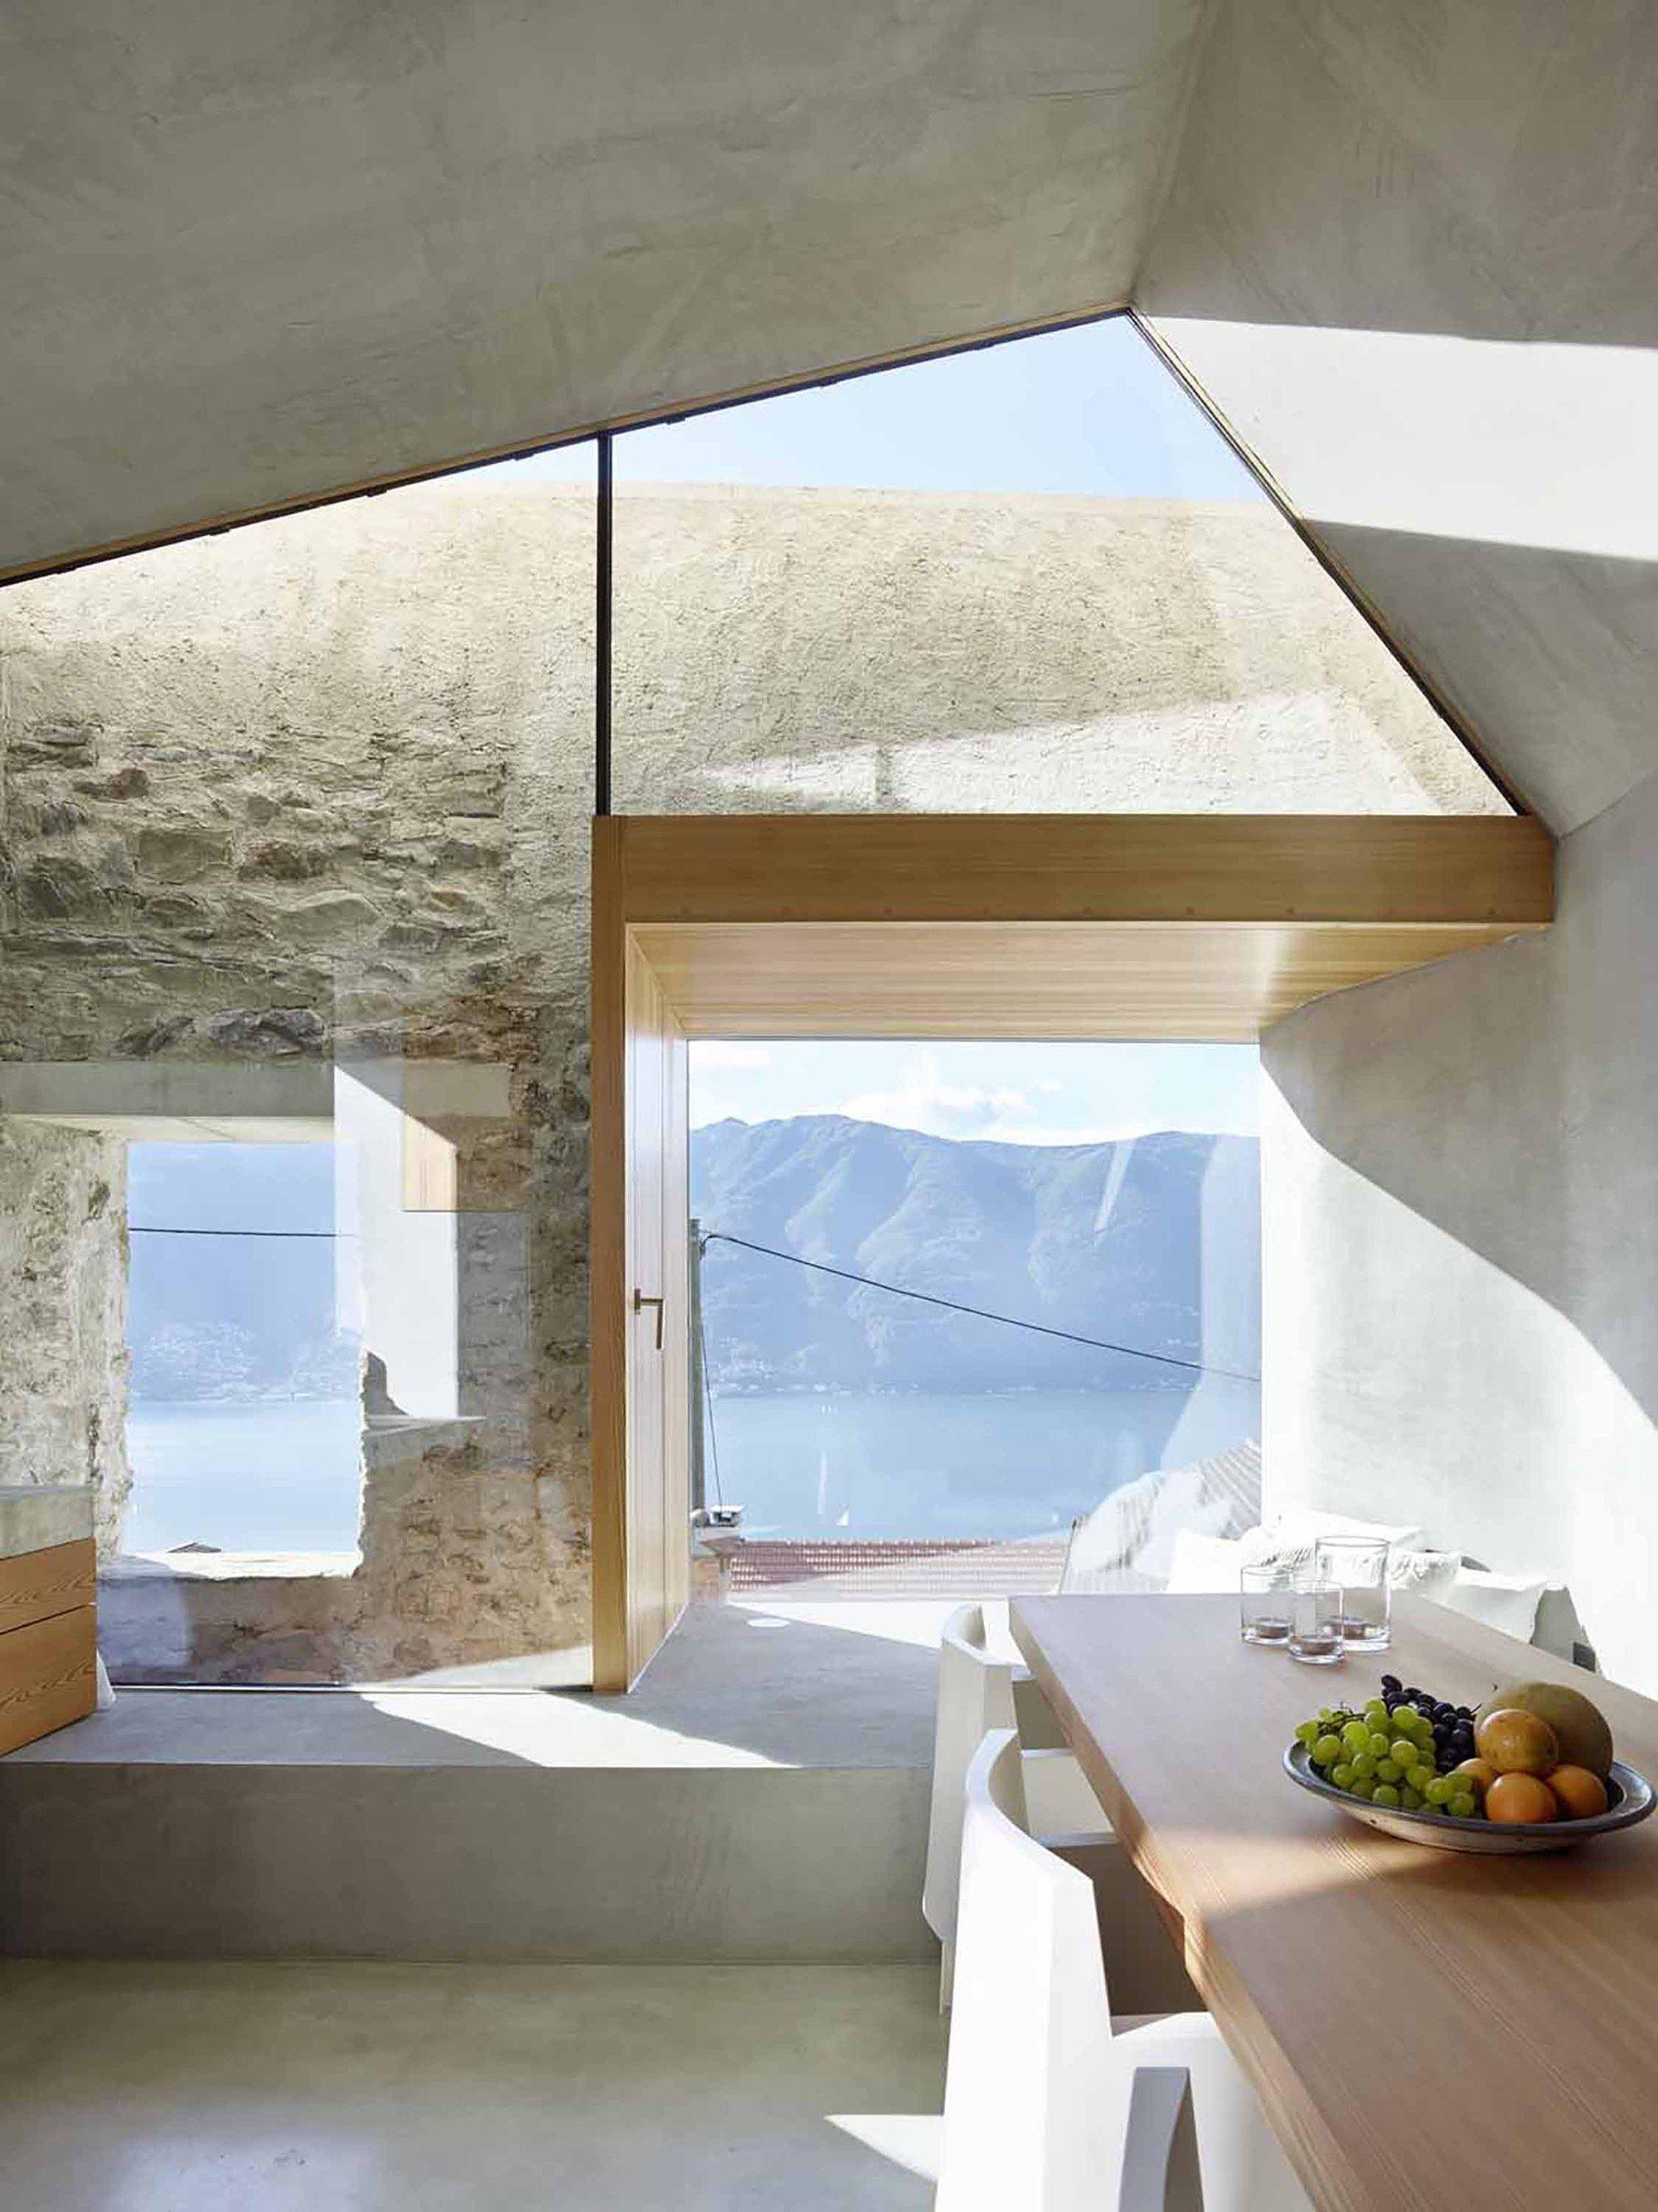 Galeria - Transformação de uma casa de pedra em Scaiano / Wespi de Meuron Romeo architects - 3